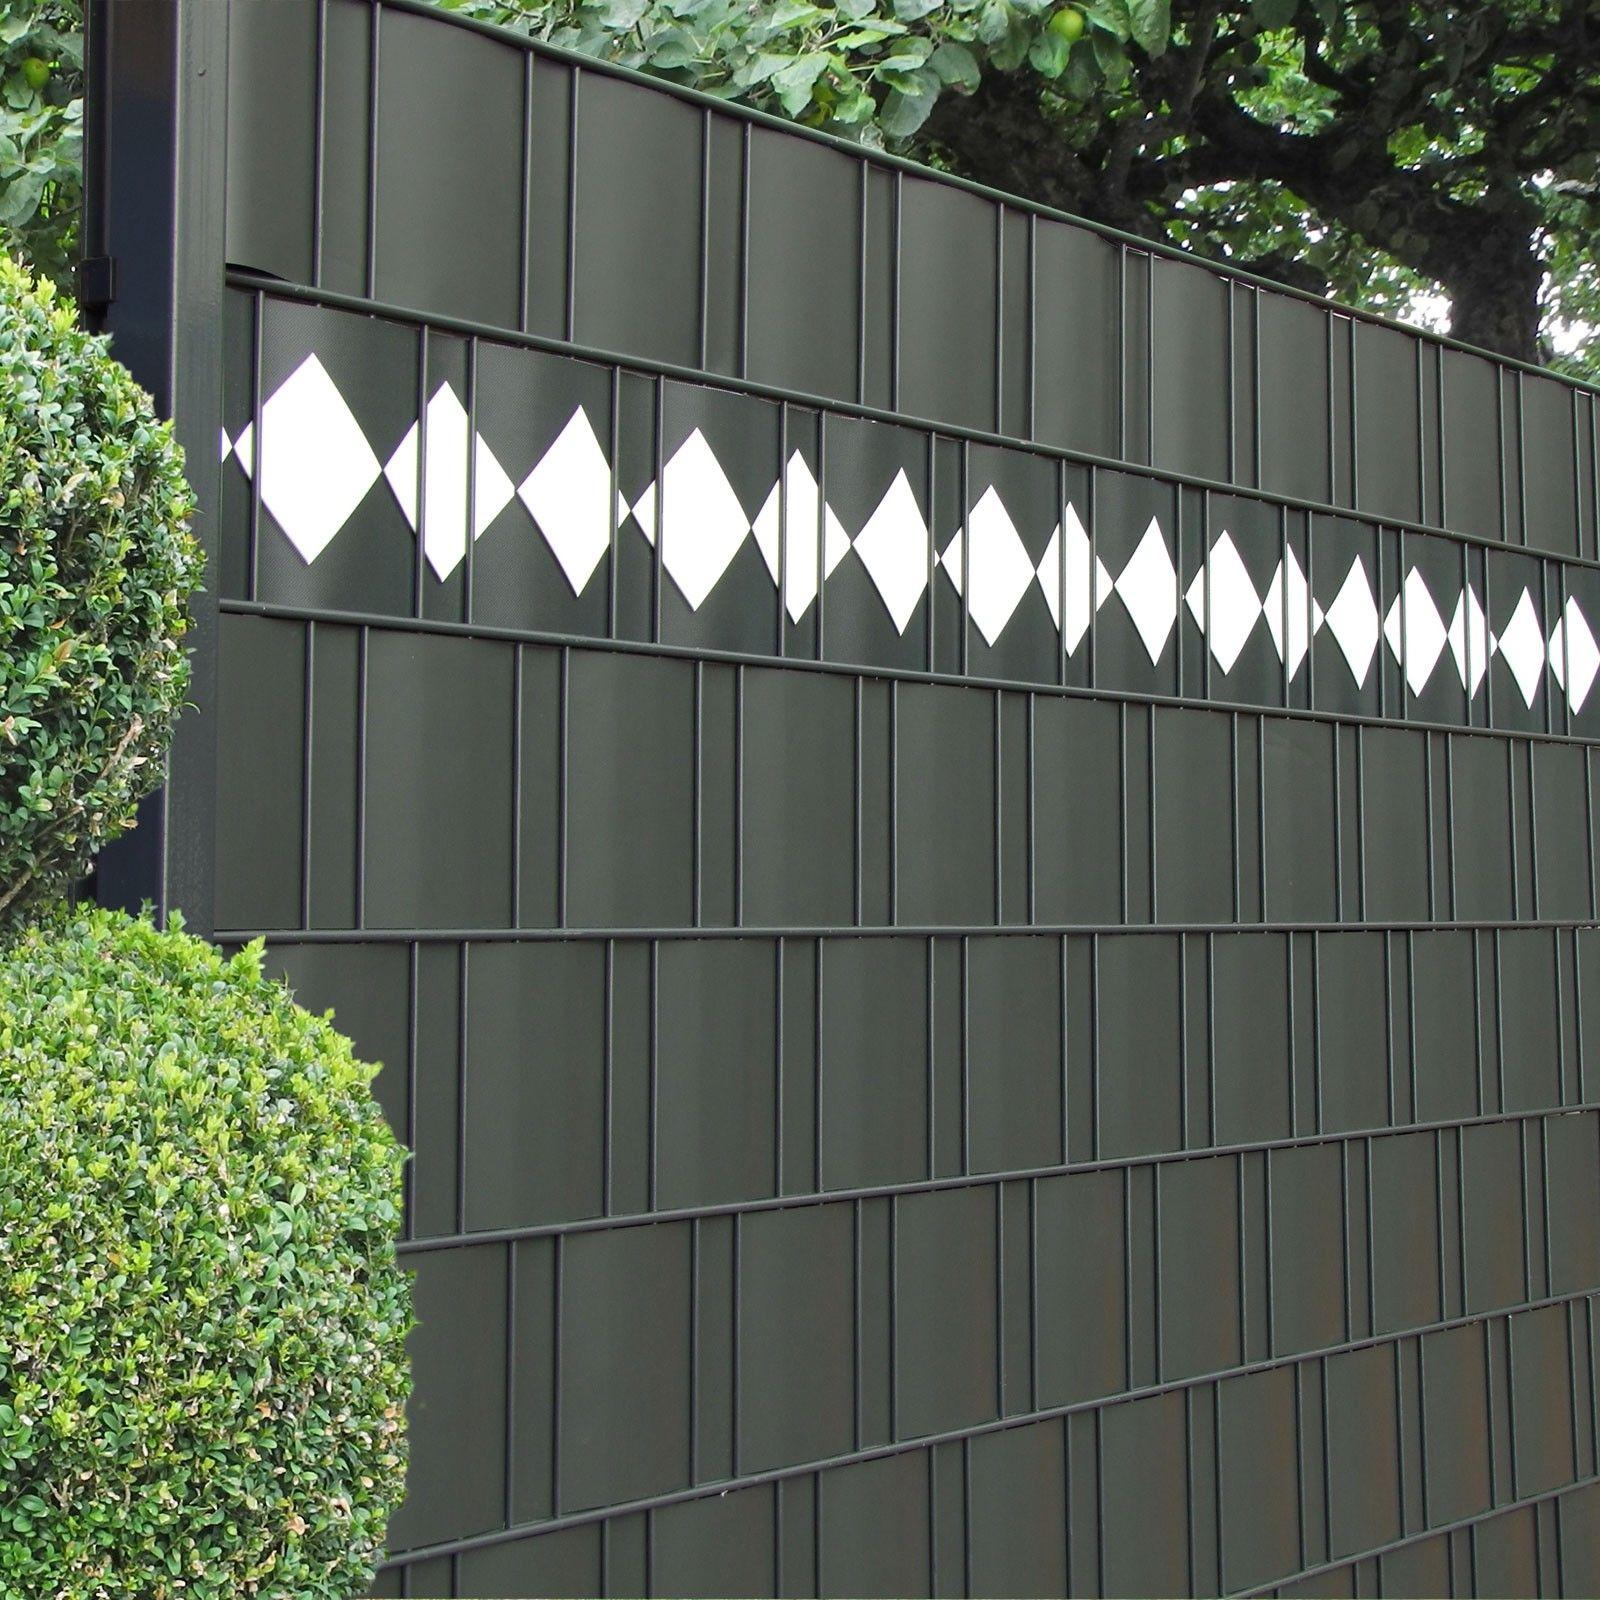 Außergewöhnlich Zaun Design Referenz Von Streifen Motiv Karo Im Scihtschutzzaun